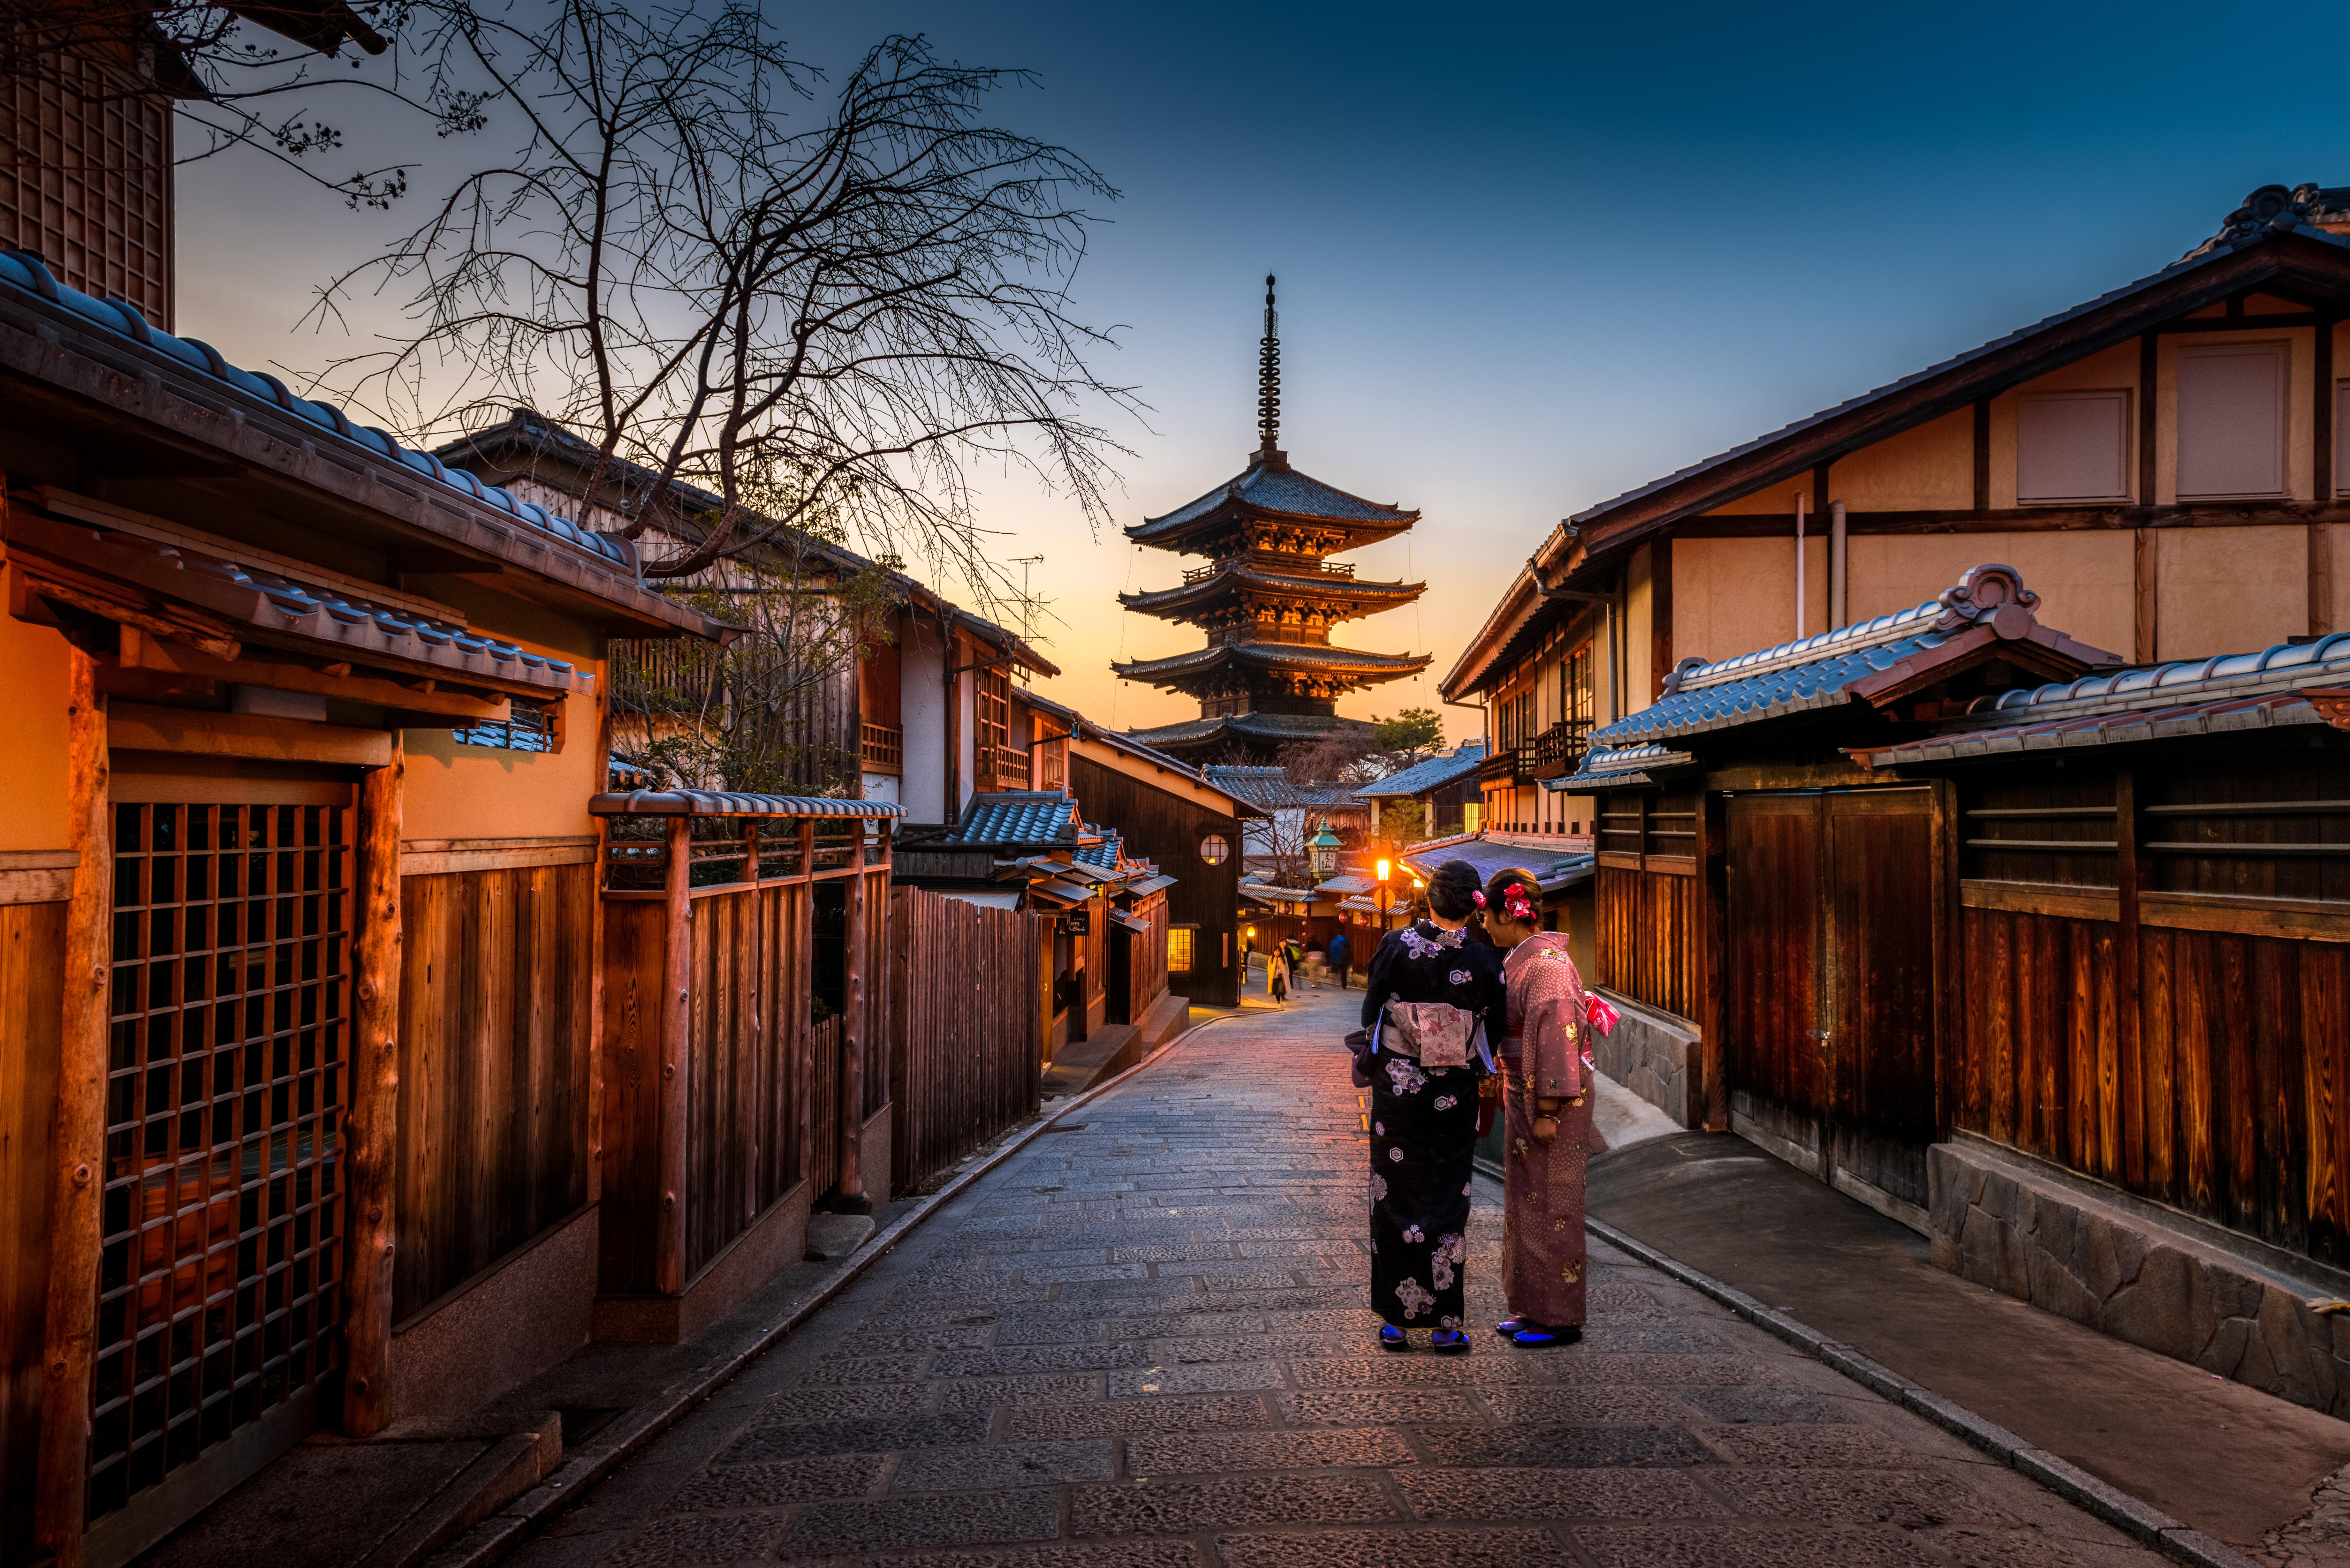 京都で優雅な女子旅プラン!かわいい着物でおしゃれグルメ巡りなど想い出づくり!